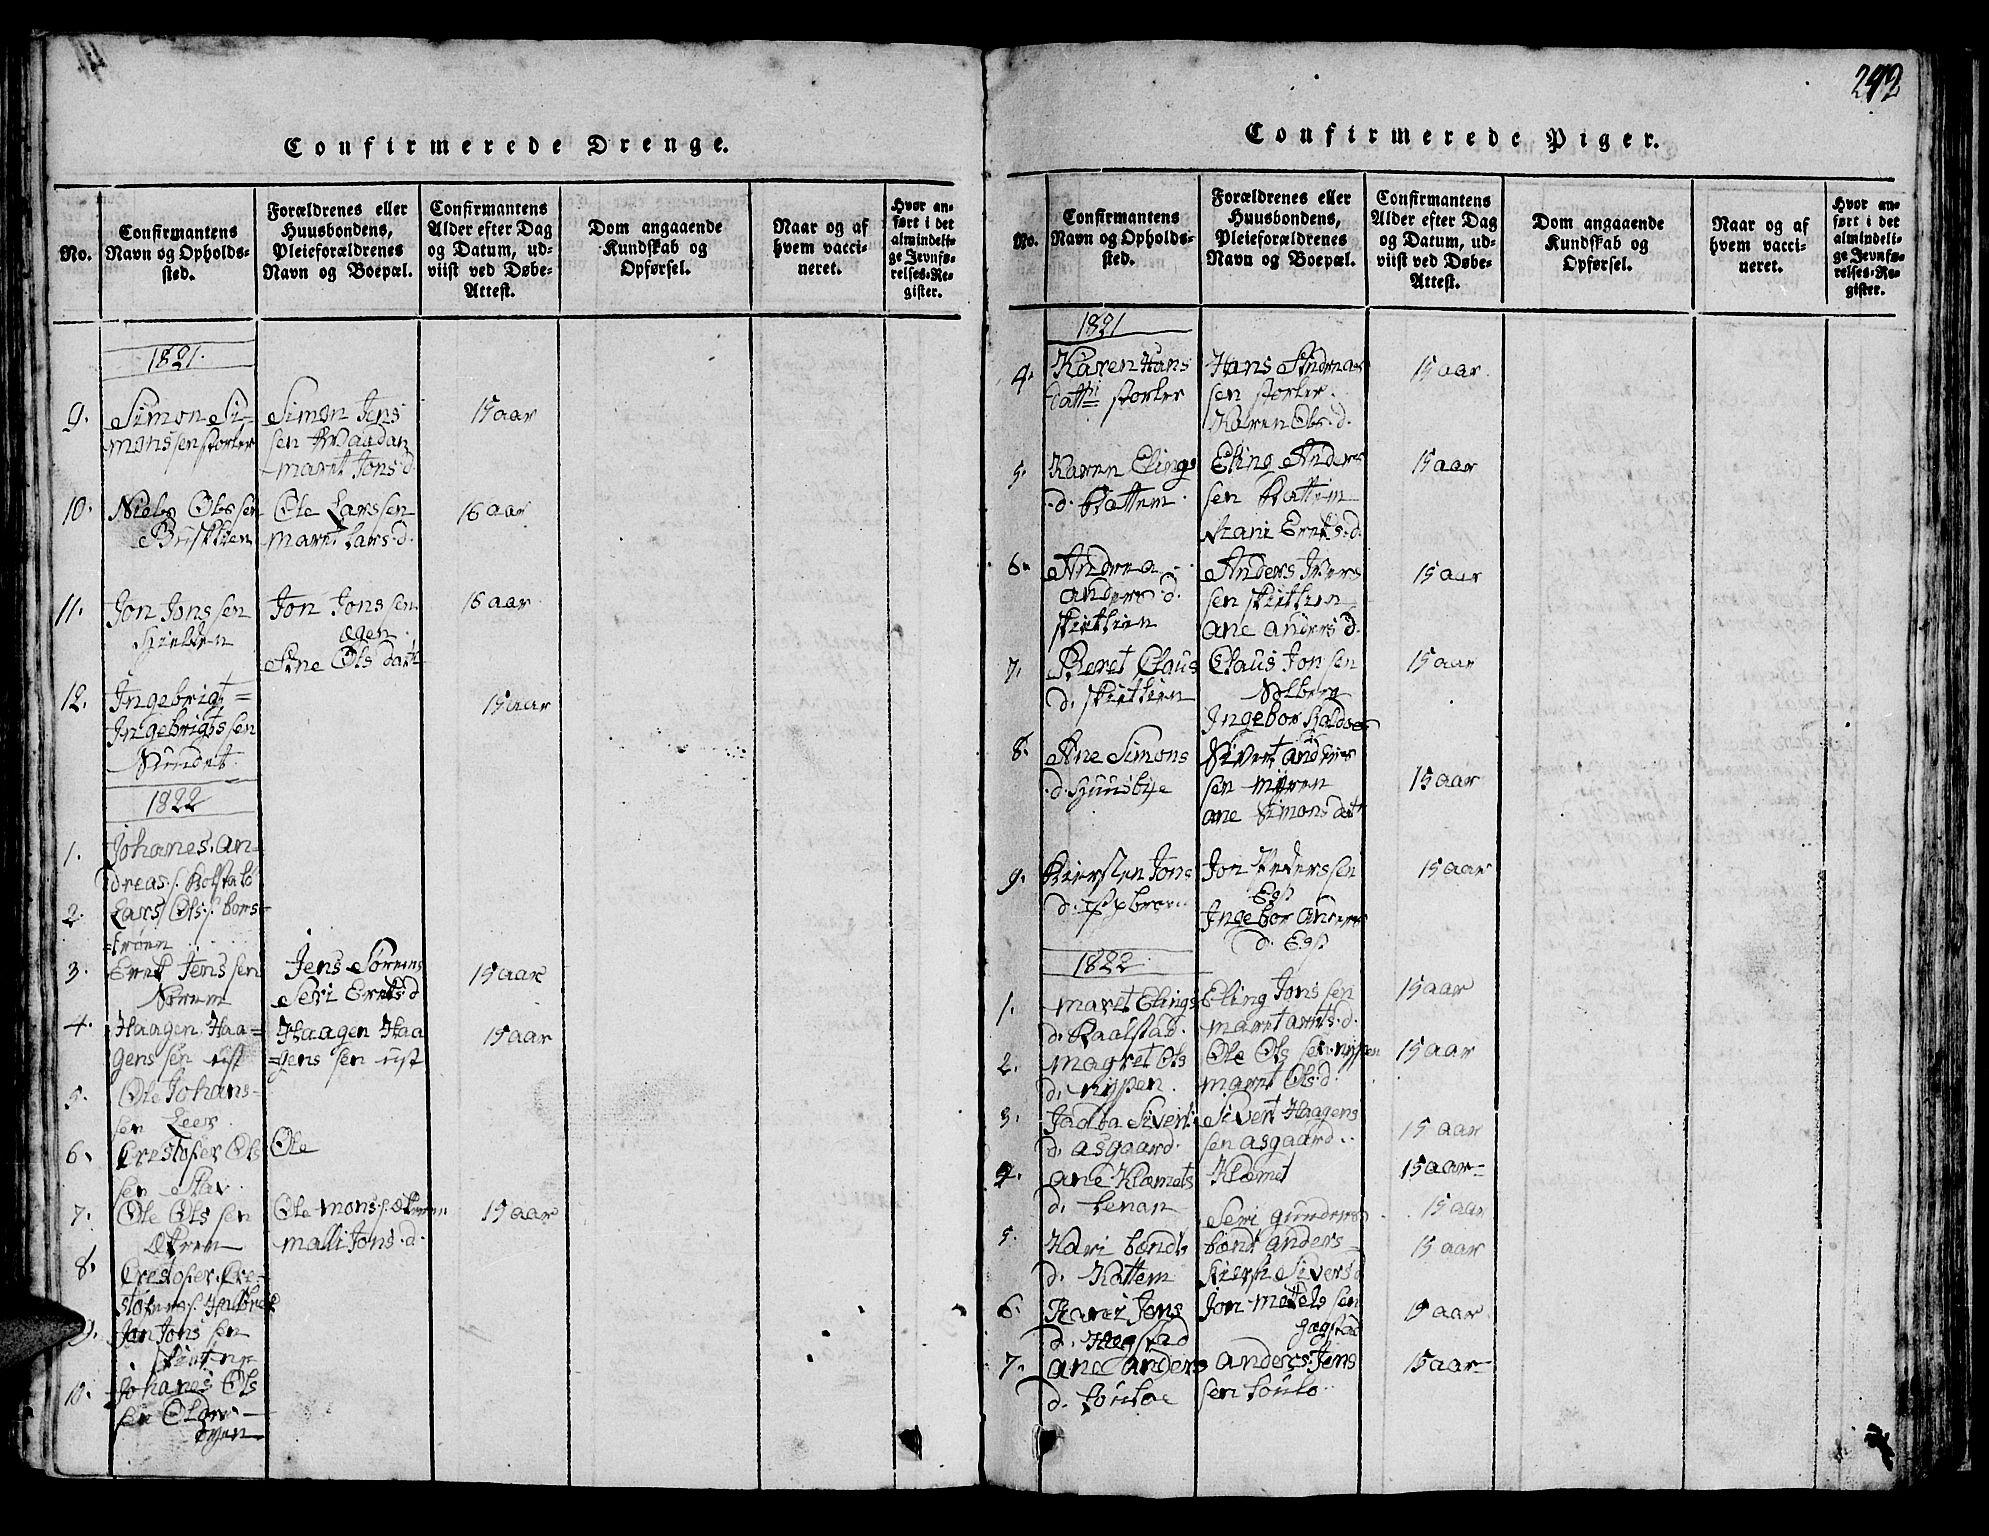 SAT, Ministerialprotokoller, klokkerbøker og fødselsregistre - Sør-Trøndelag, 613/L0393: Klokkerbok nr. 613C01, 1816-1886, s. 242